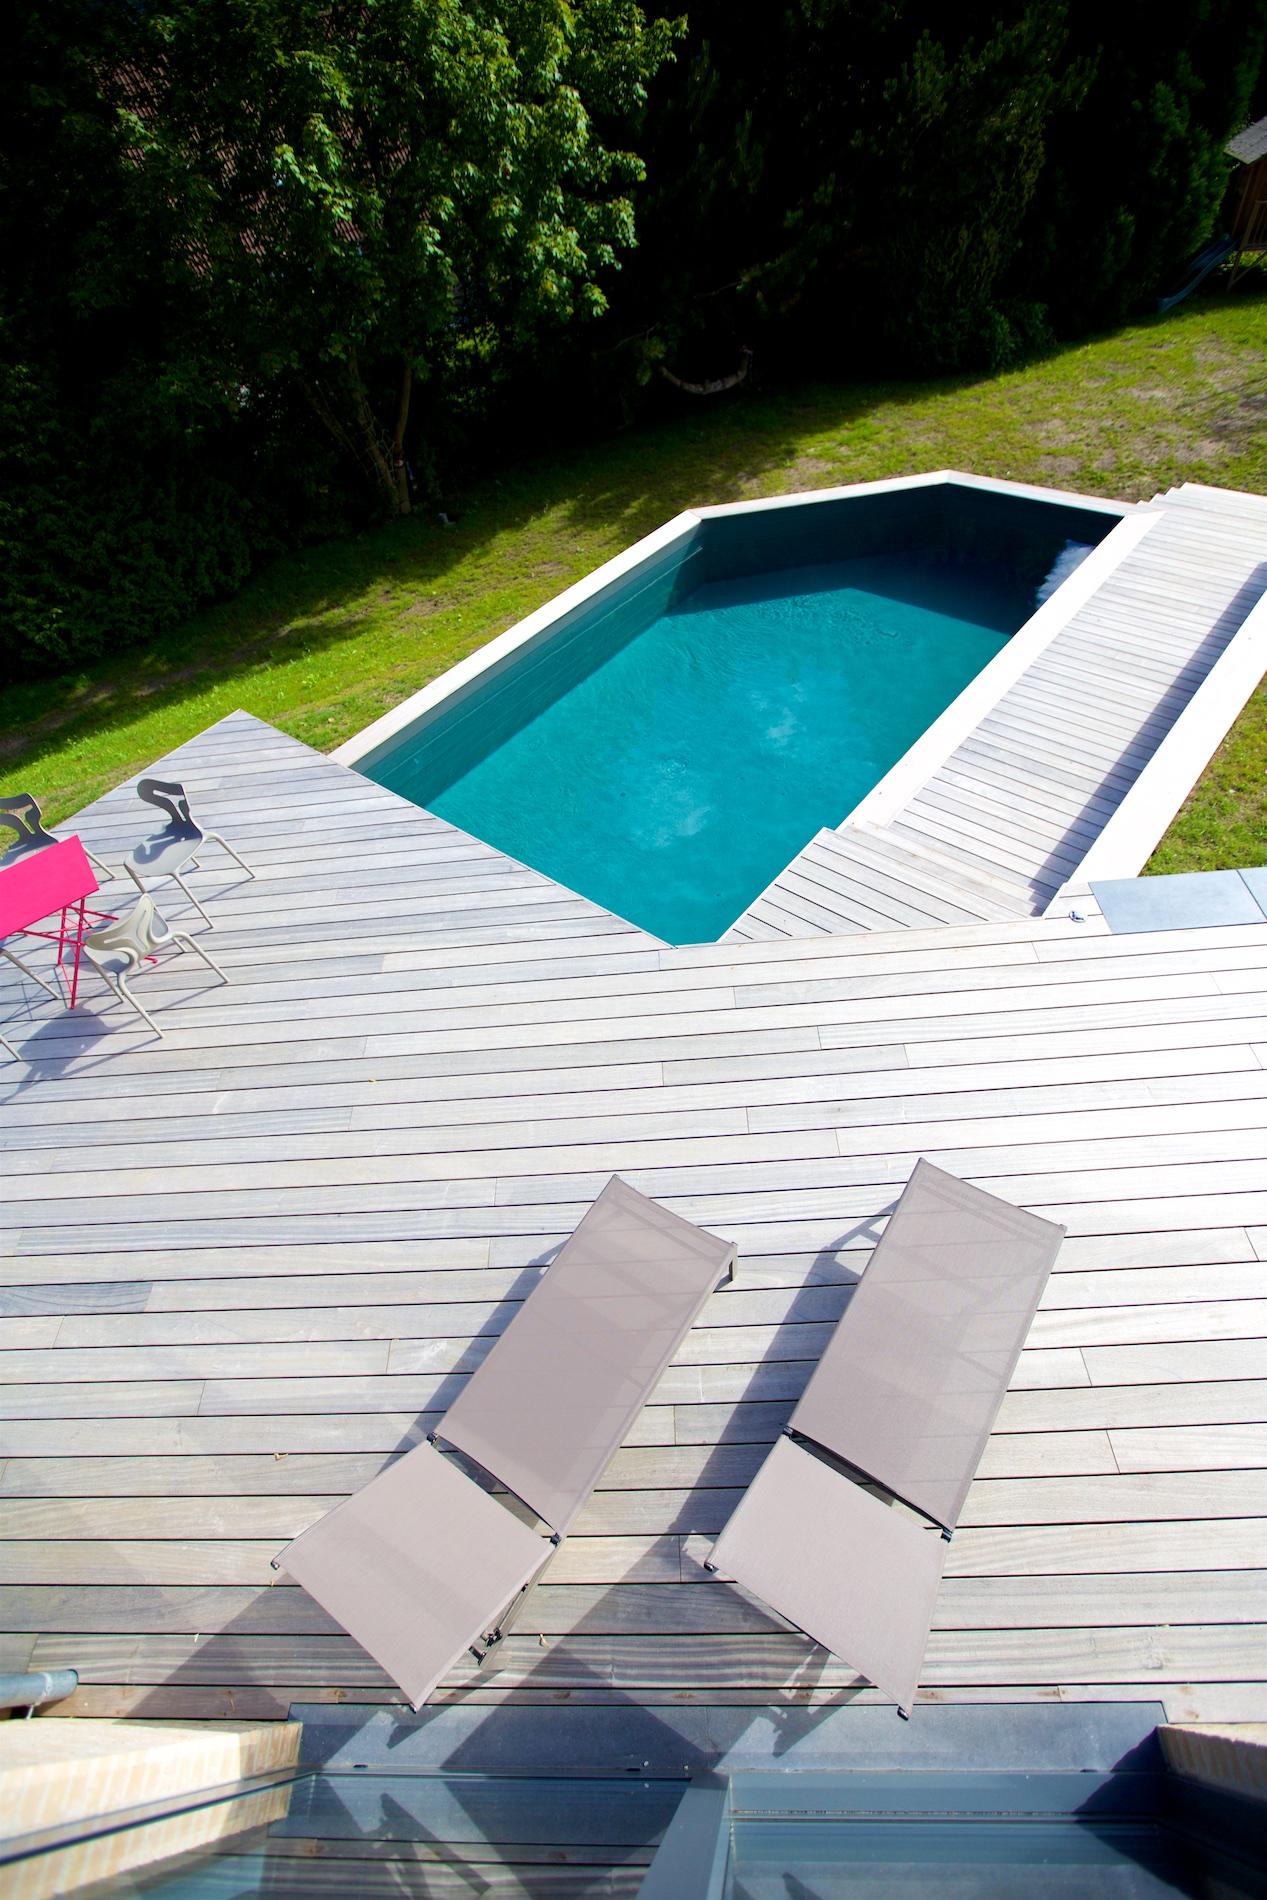 Piscine, terrasse en bois et dalles